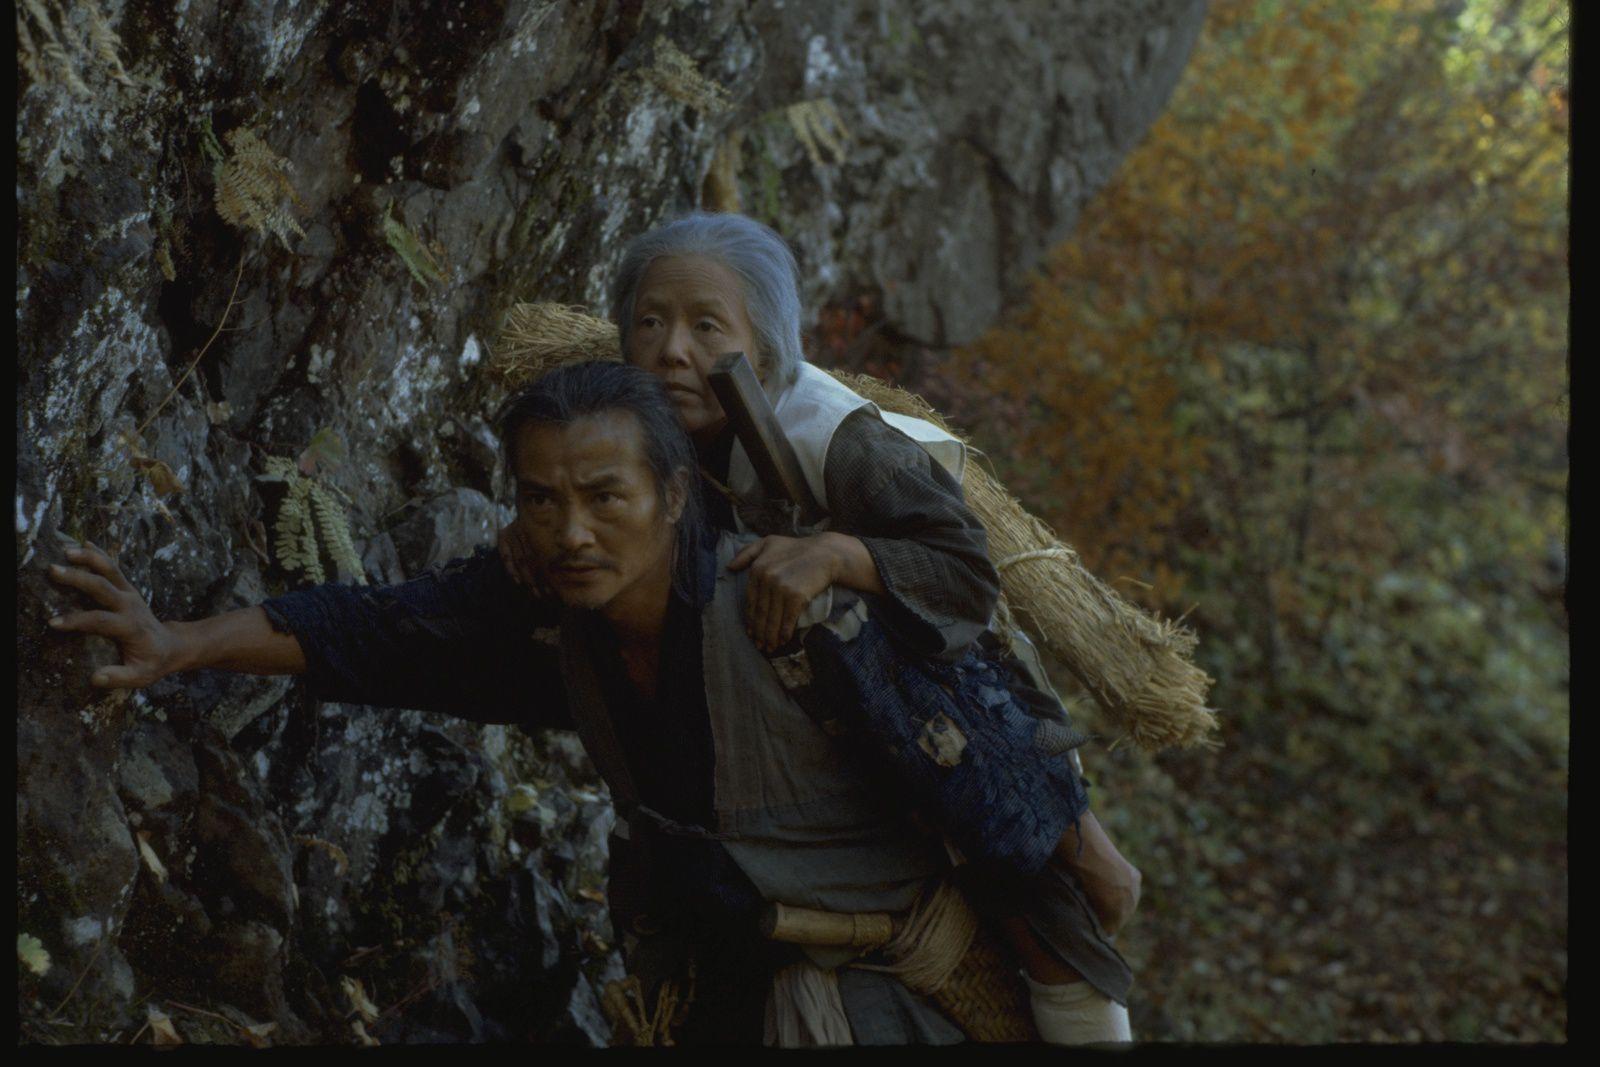 La ballade de Narayama (1983) Shohei Imamura